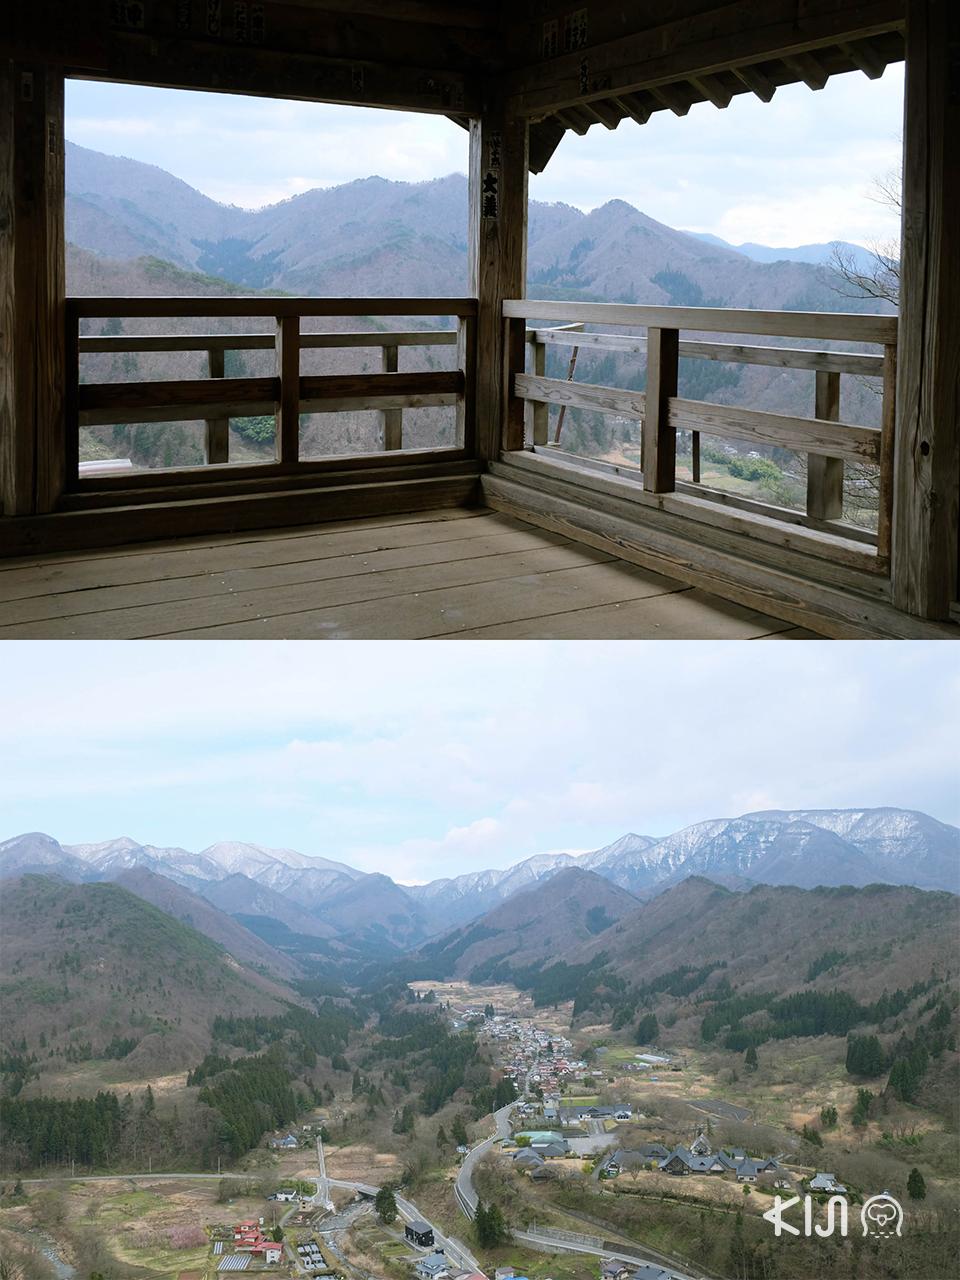 เที่ยวยามากาตะ (โยเนซาวะ และ ยามาเดระ) : จุดชมวิวของ วัดยามาเดระ (Yamadera Temple)